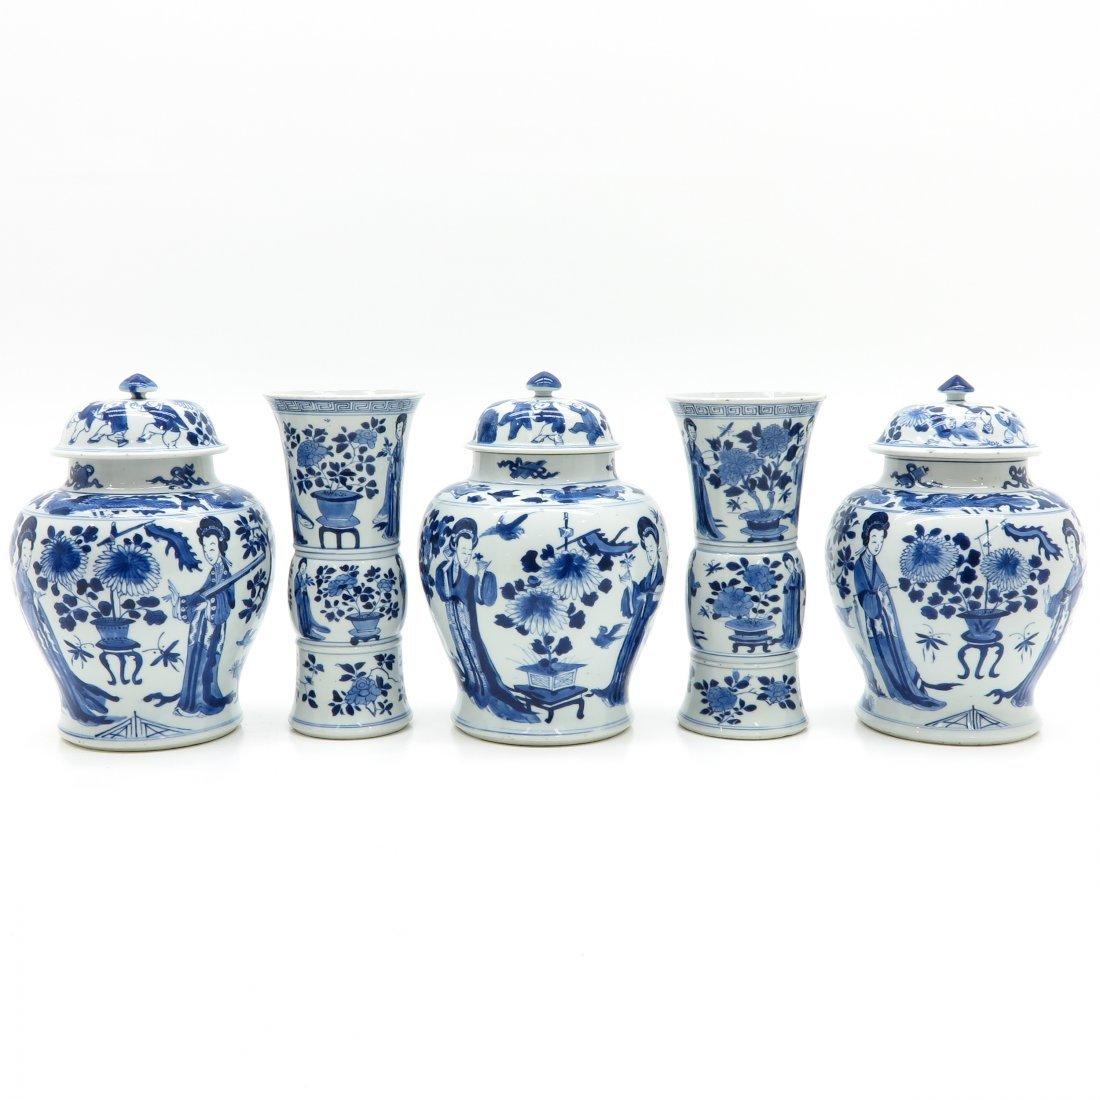 5 Piece China Porcelain Kangxi Period Garniture Set